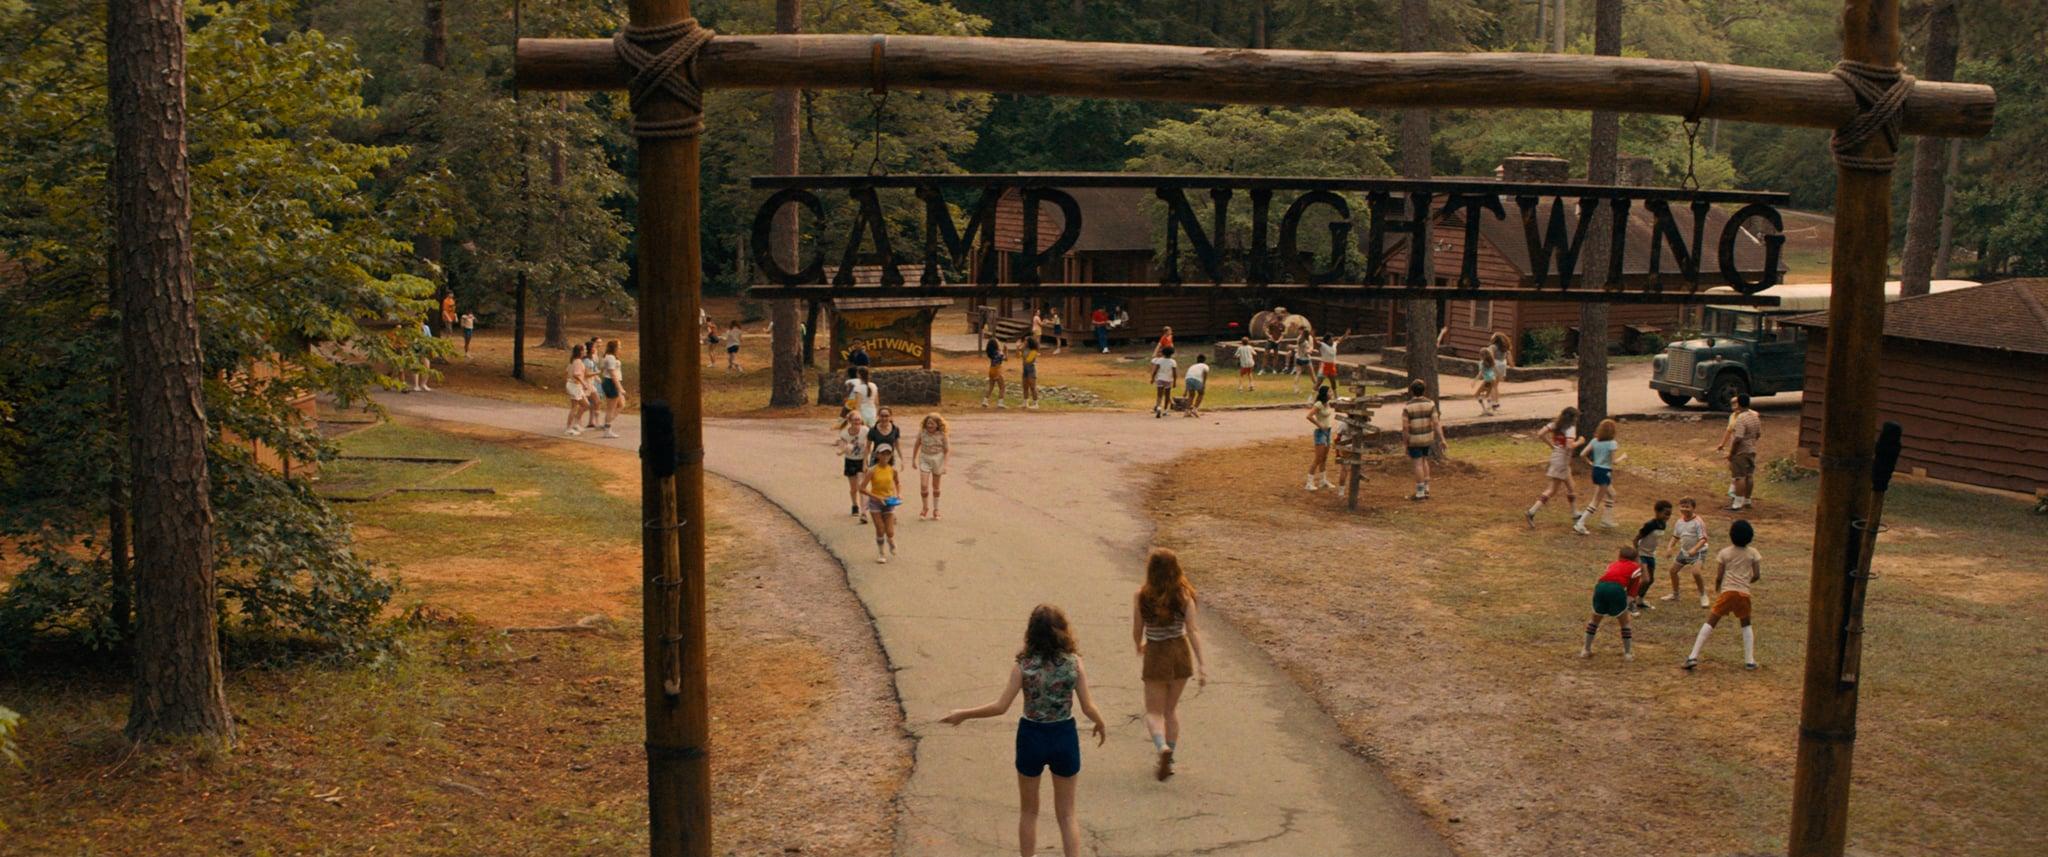 R.L. Stine's Fear Street Film Trilogy Details | Netflix | POPSUGAR  Entertainment